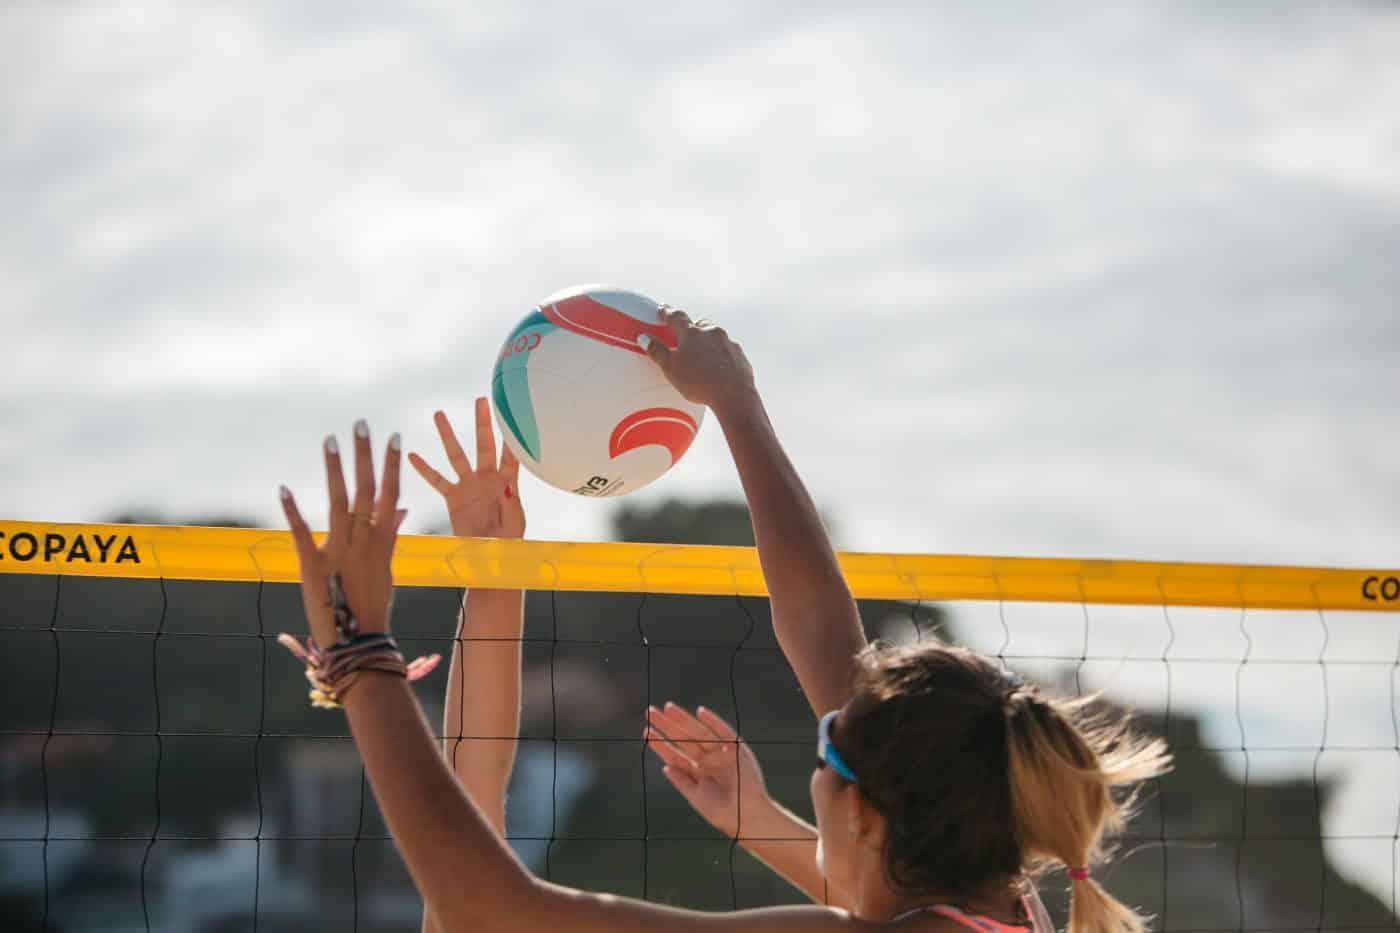 copaya-la-nouvelle-marque-de-beach-volley-chez-decathlon-1